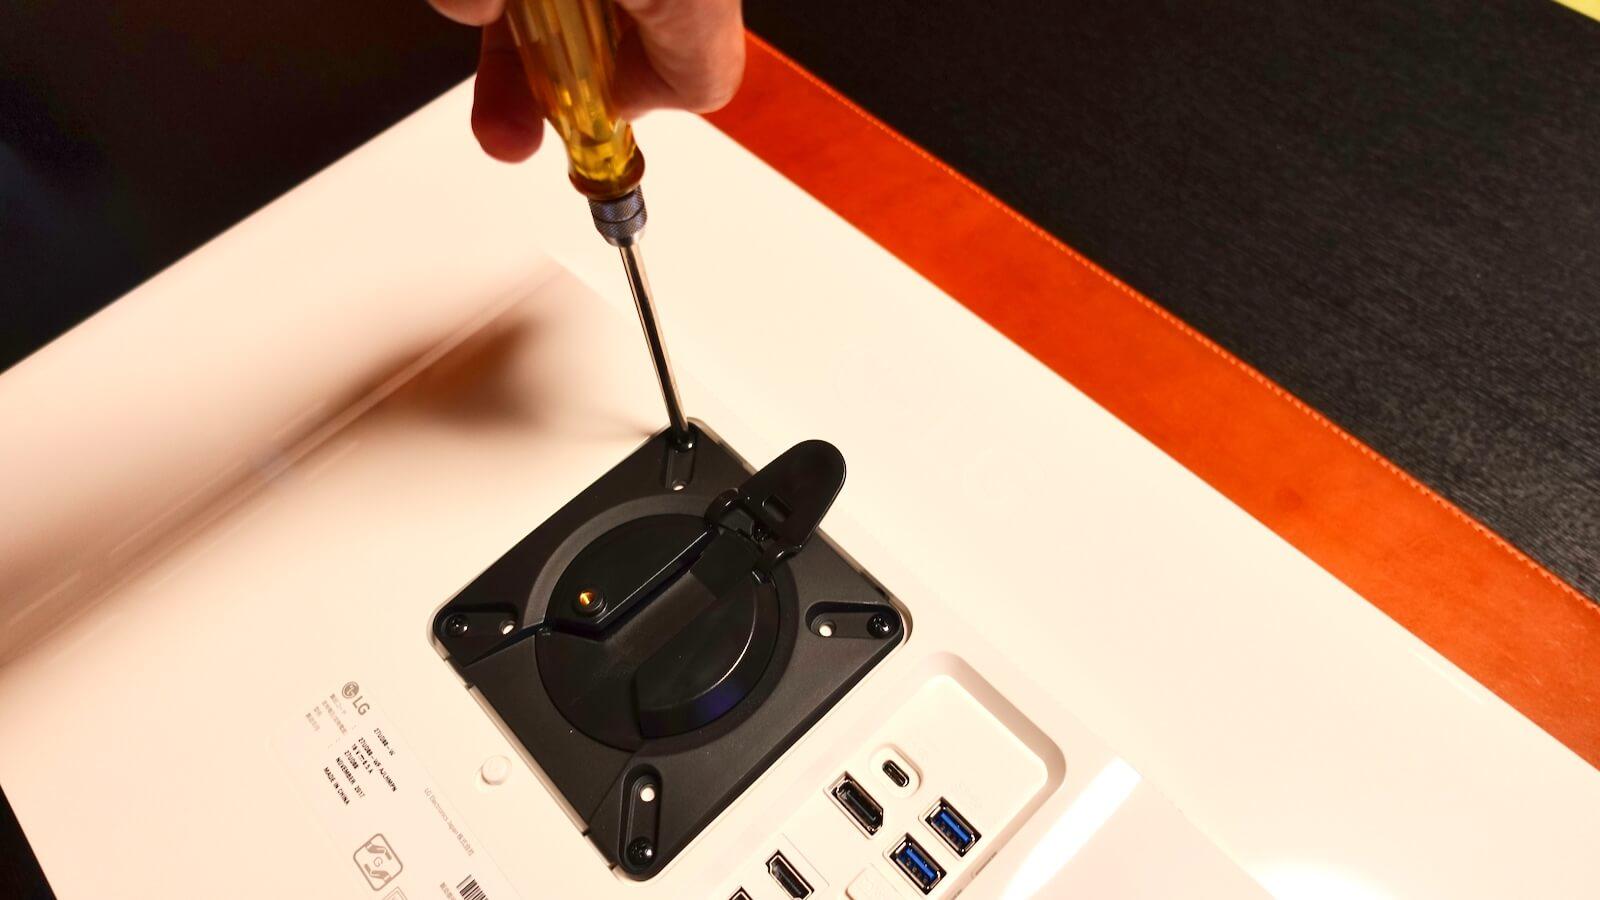 HermanMiller FLO monitor arm VESA mount mounting